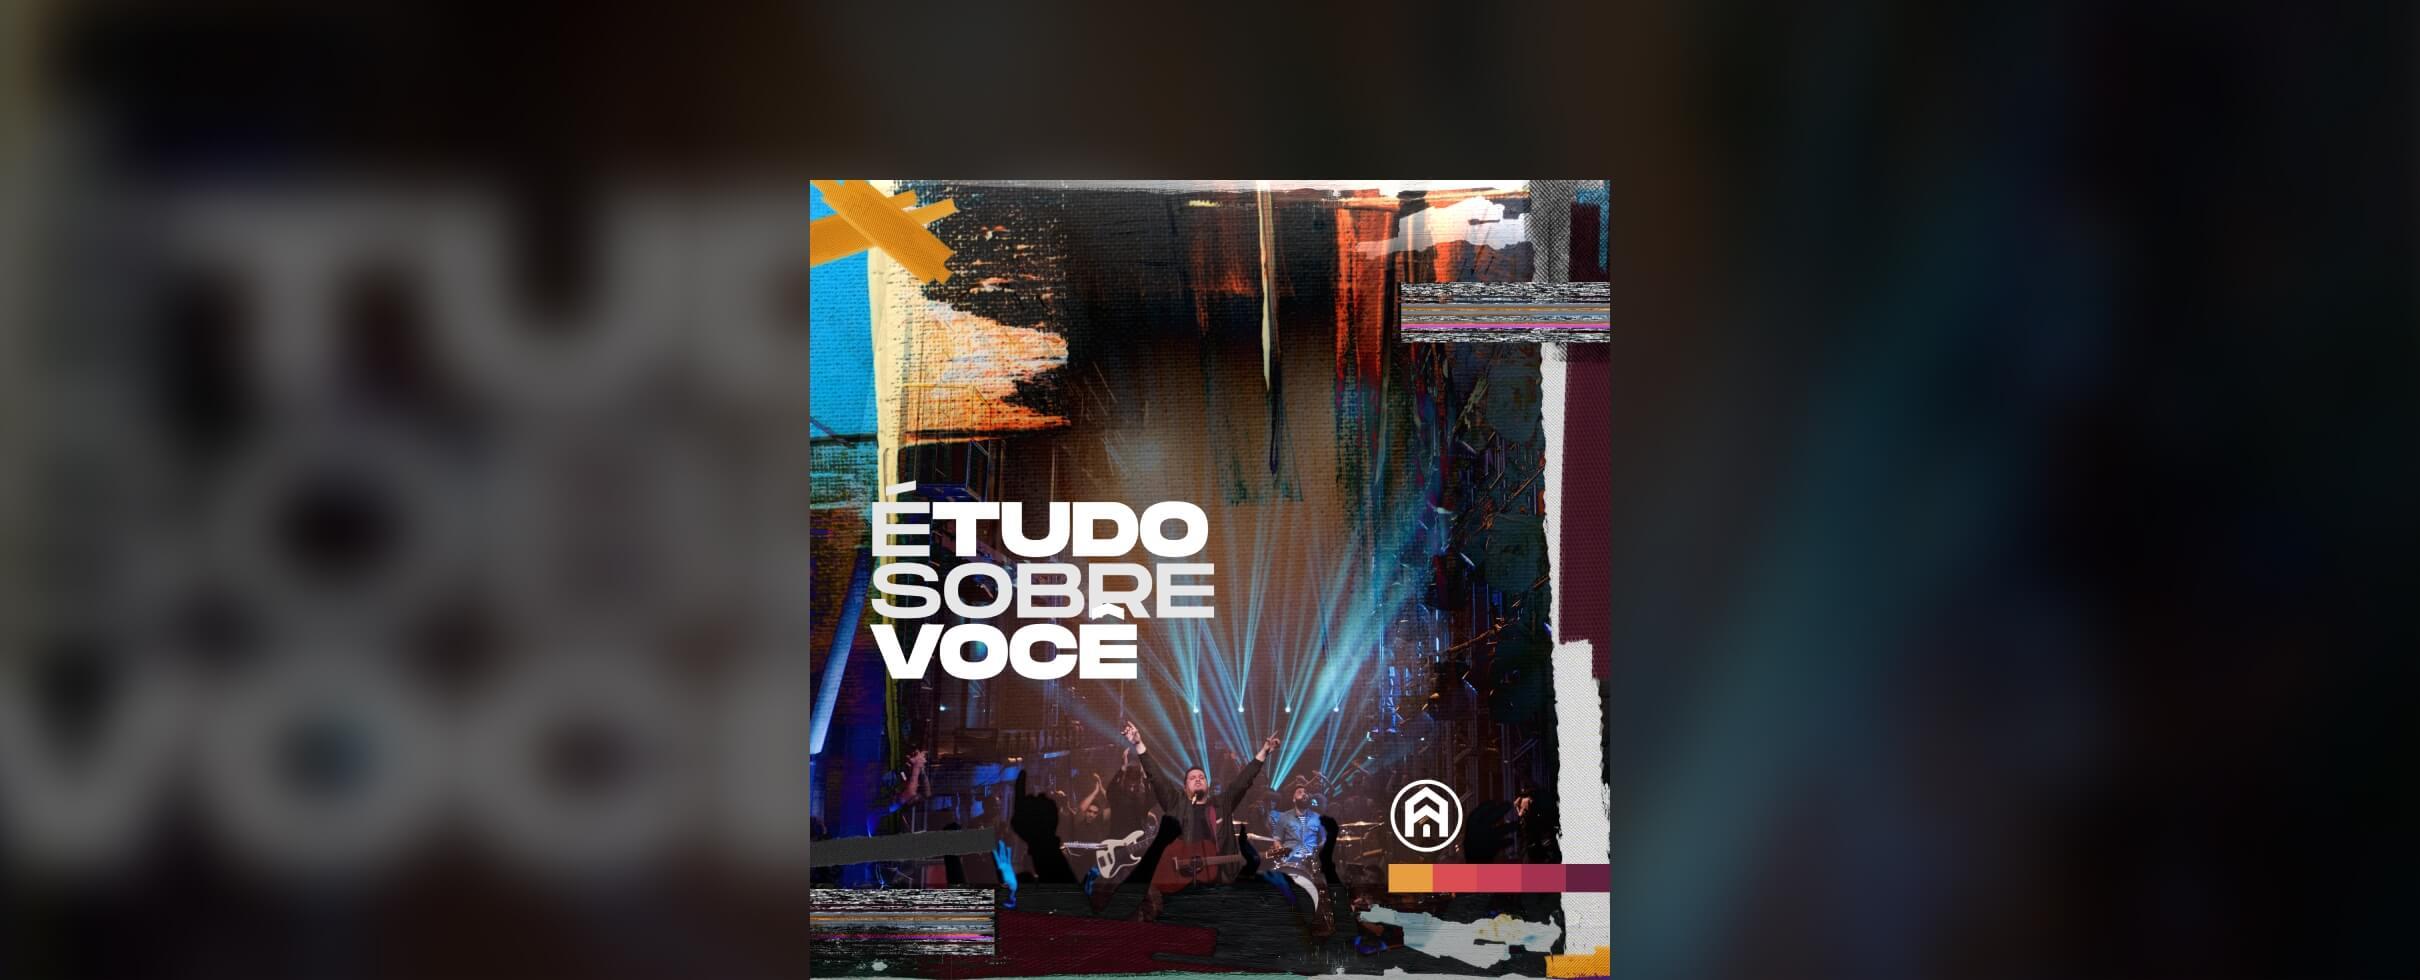 <h1>Novo Single de</h1> <strong>Morada</strong>